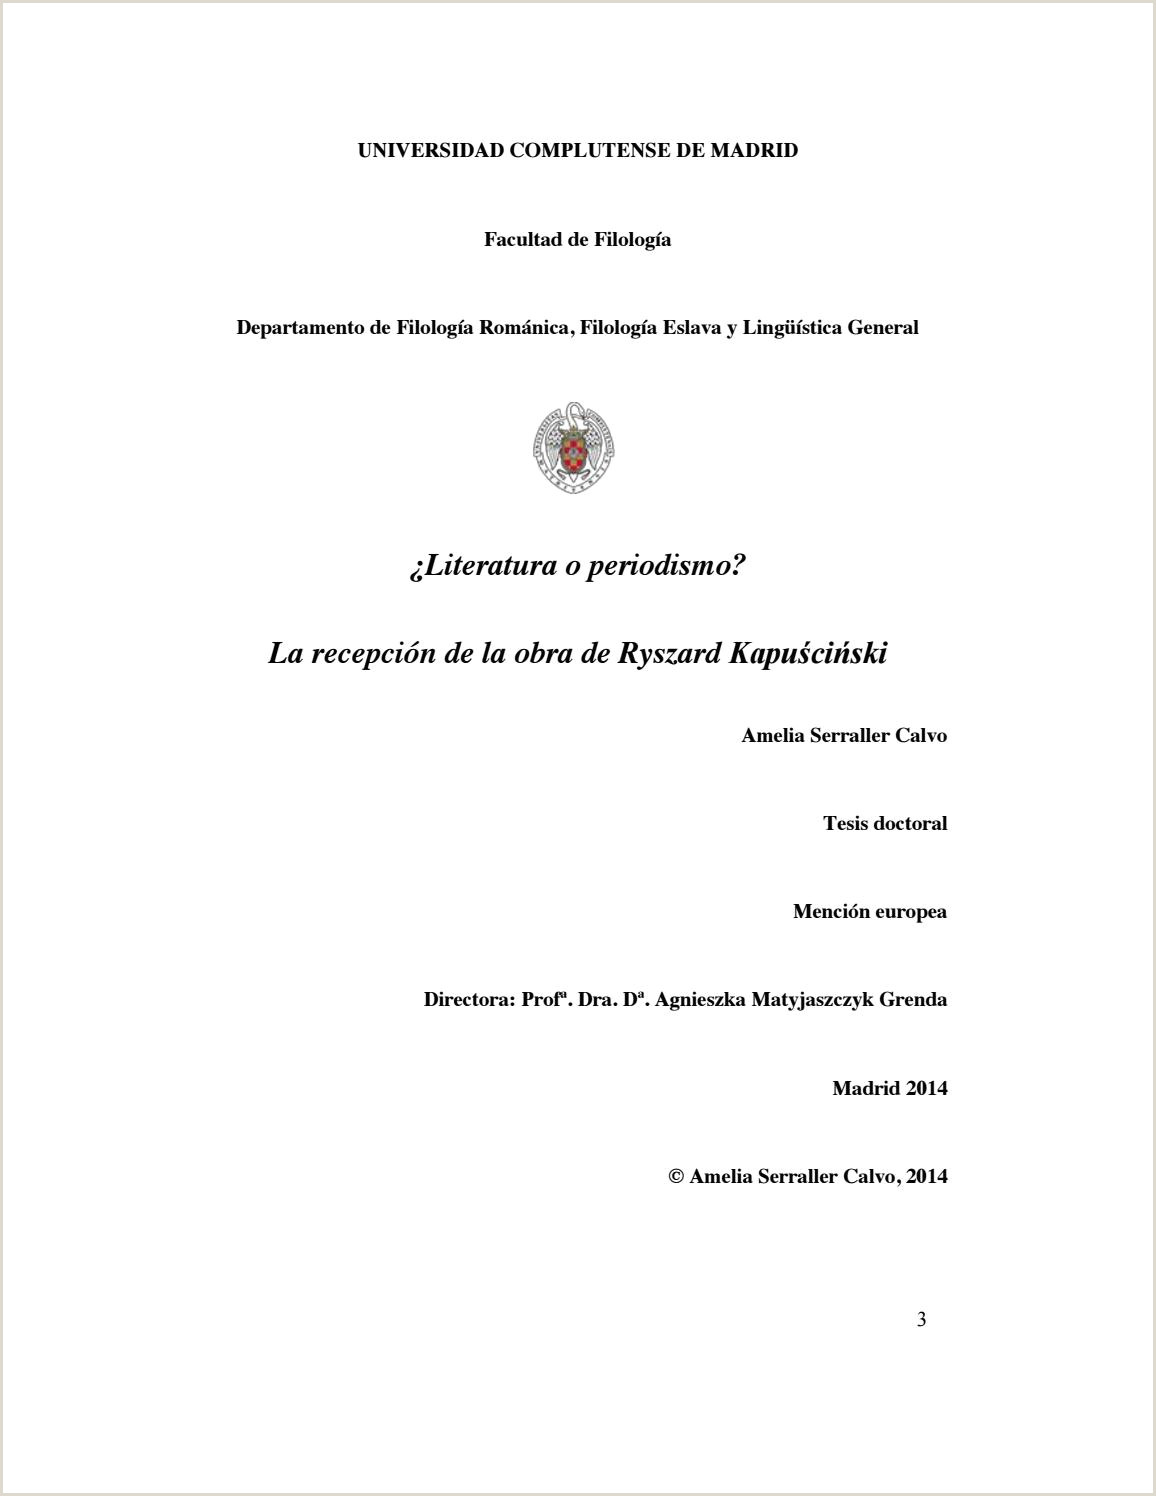 Formato Unico Hoja De Vida Armada Nacional Literatura O Periodismo La Recepci³n De La Obra De Ryzard